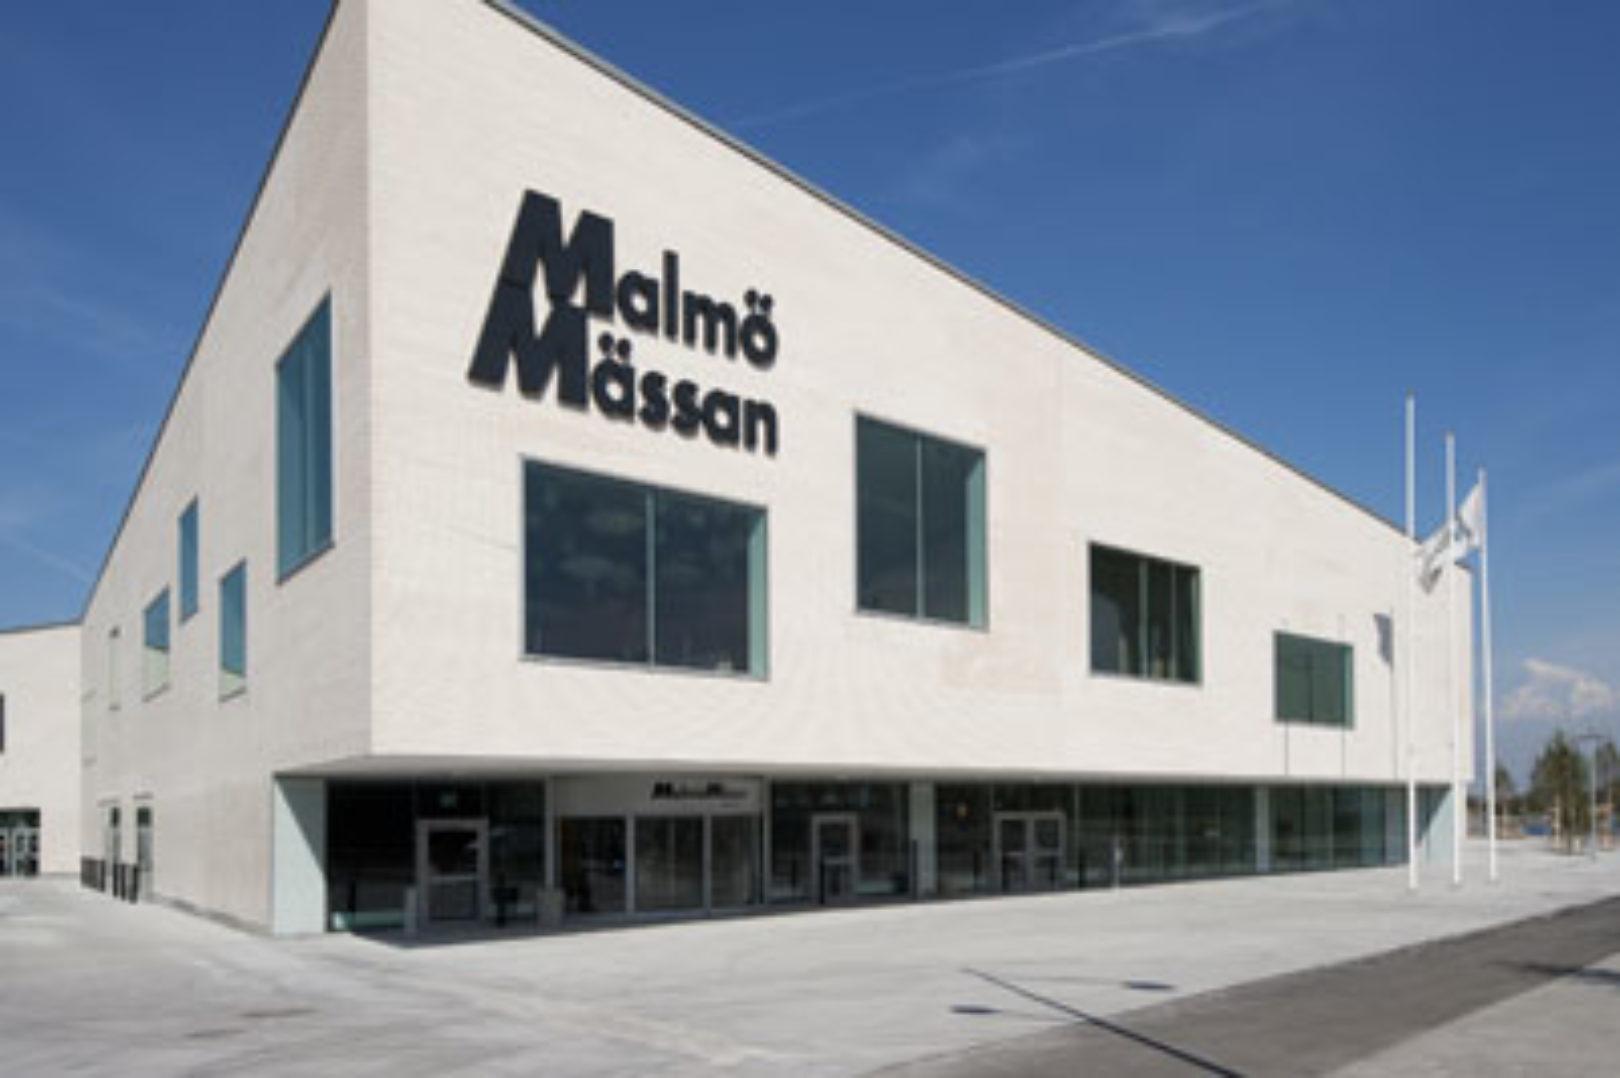 MalmoMassan